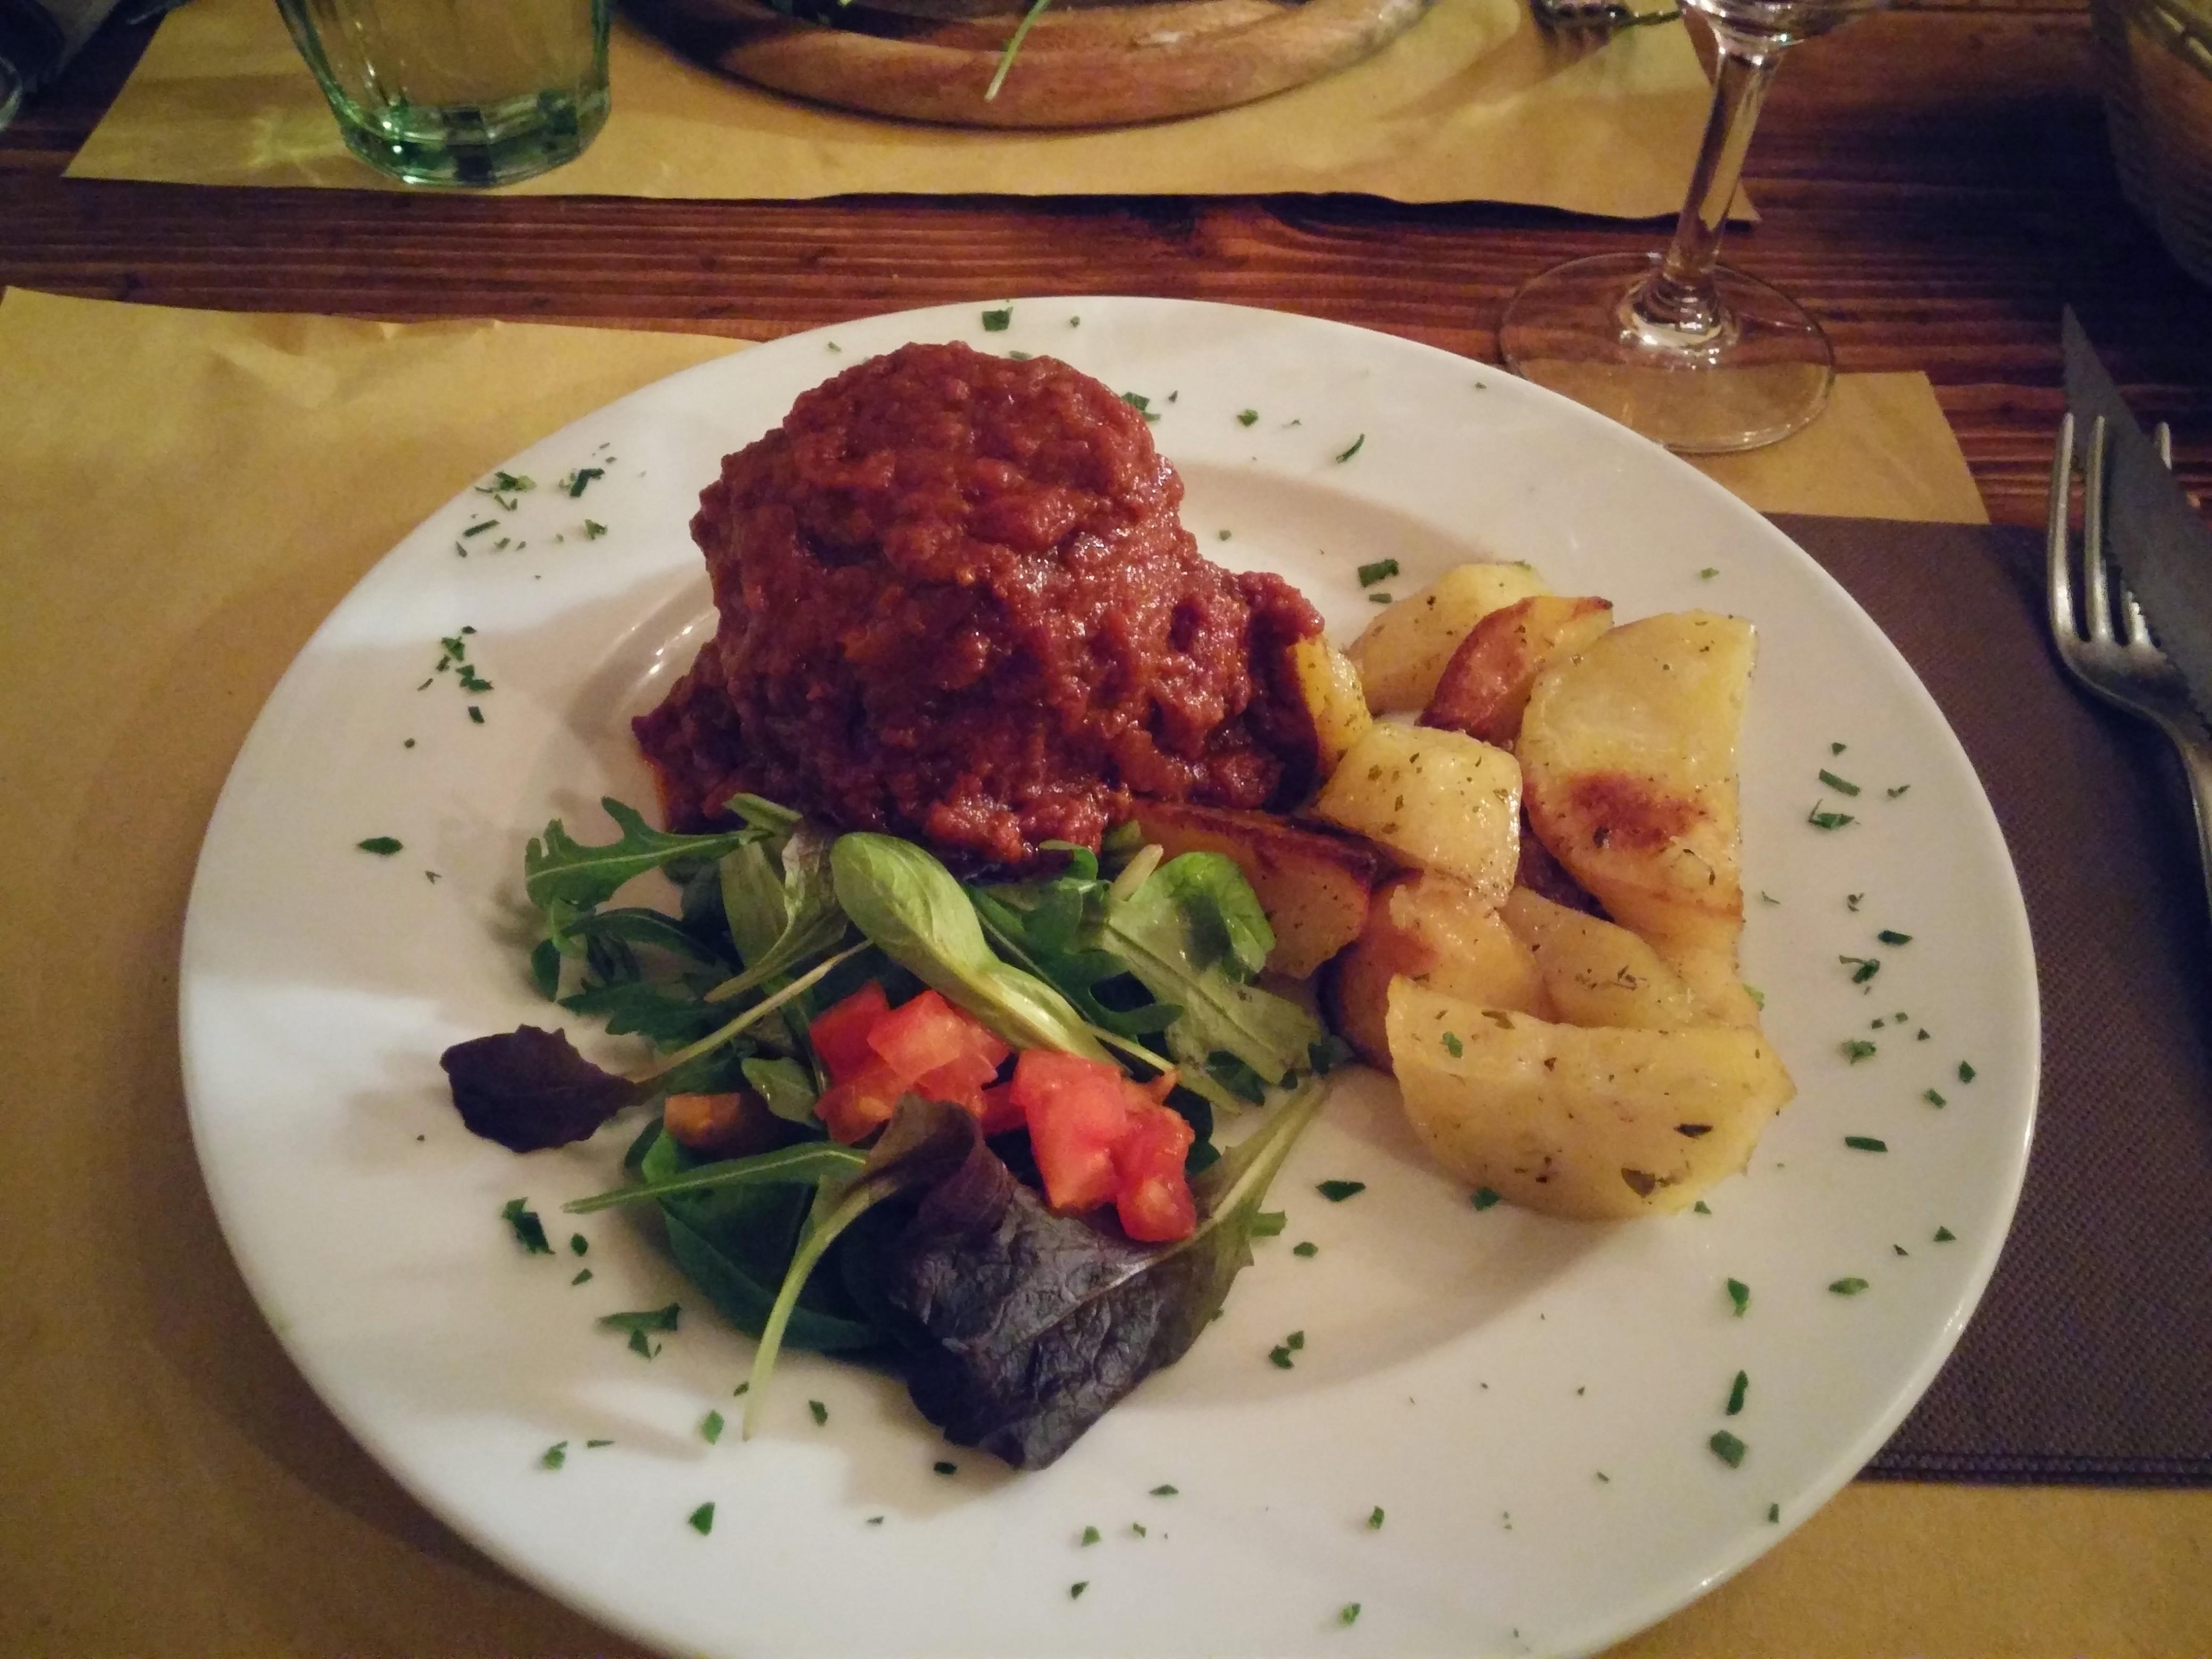 https://foodloader.net/nico_2015-02-22_fleischbaellchen-mit-bolognese-sauce-und-kartoffeln.jpg